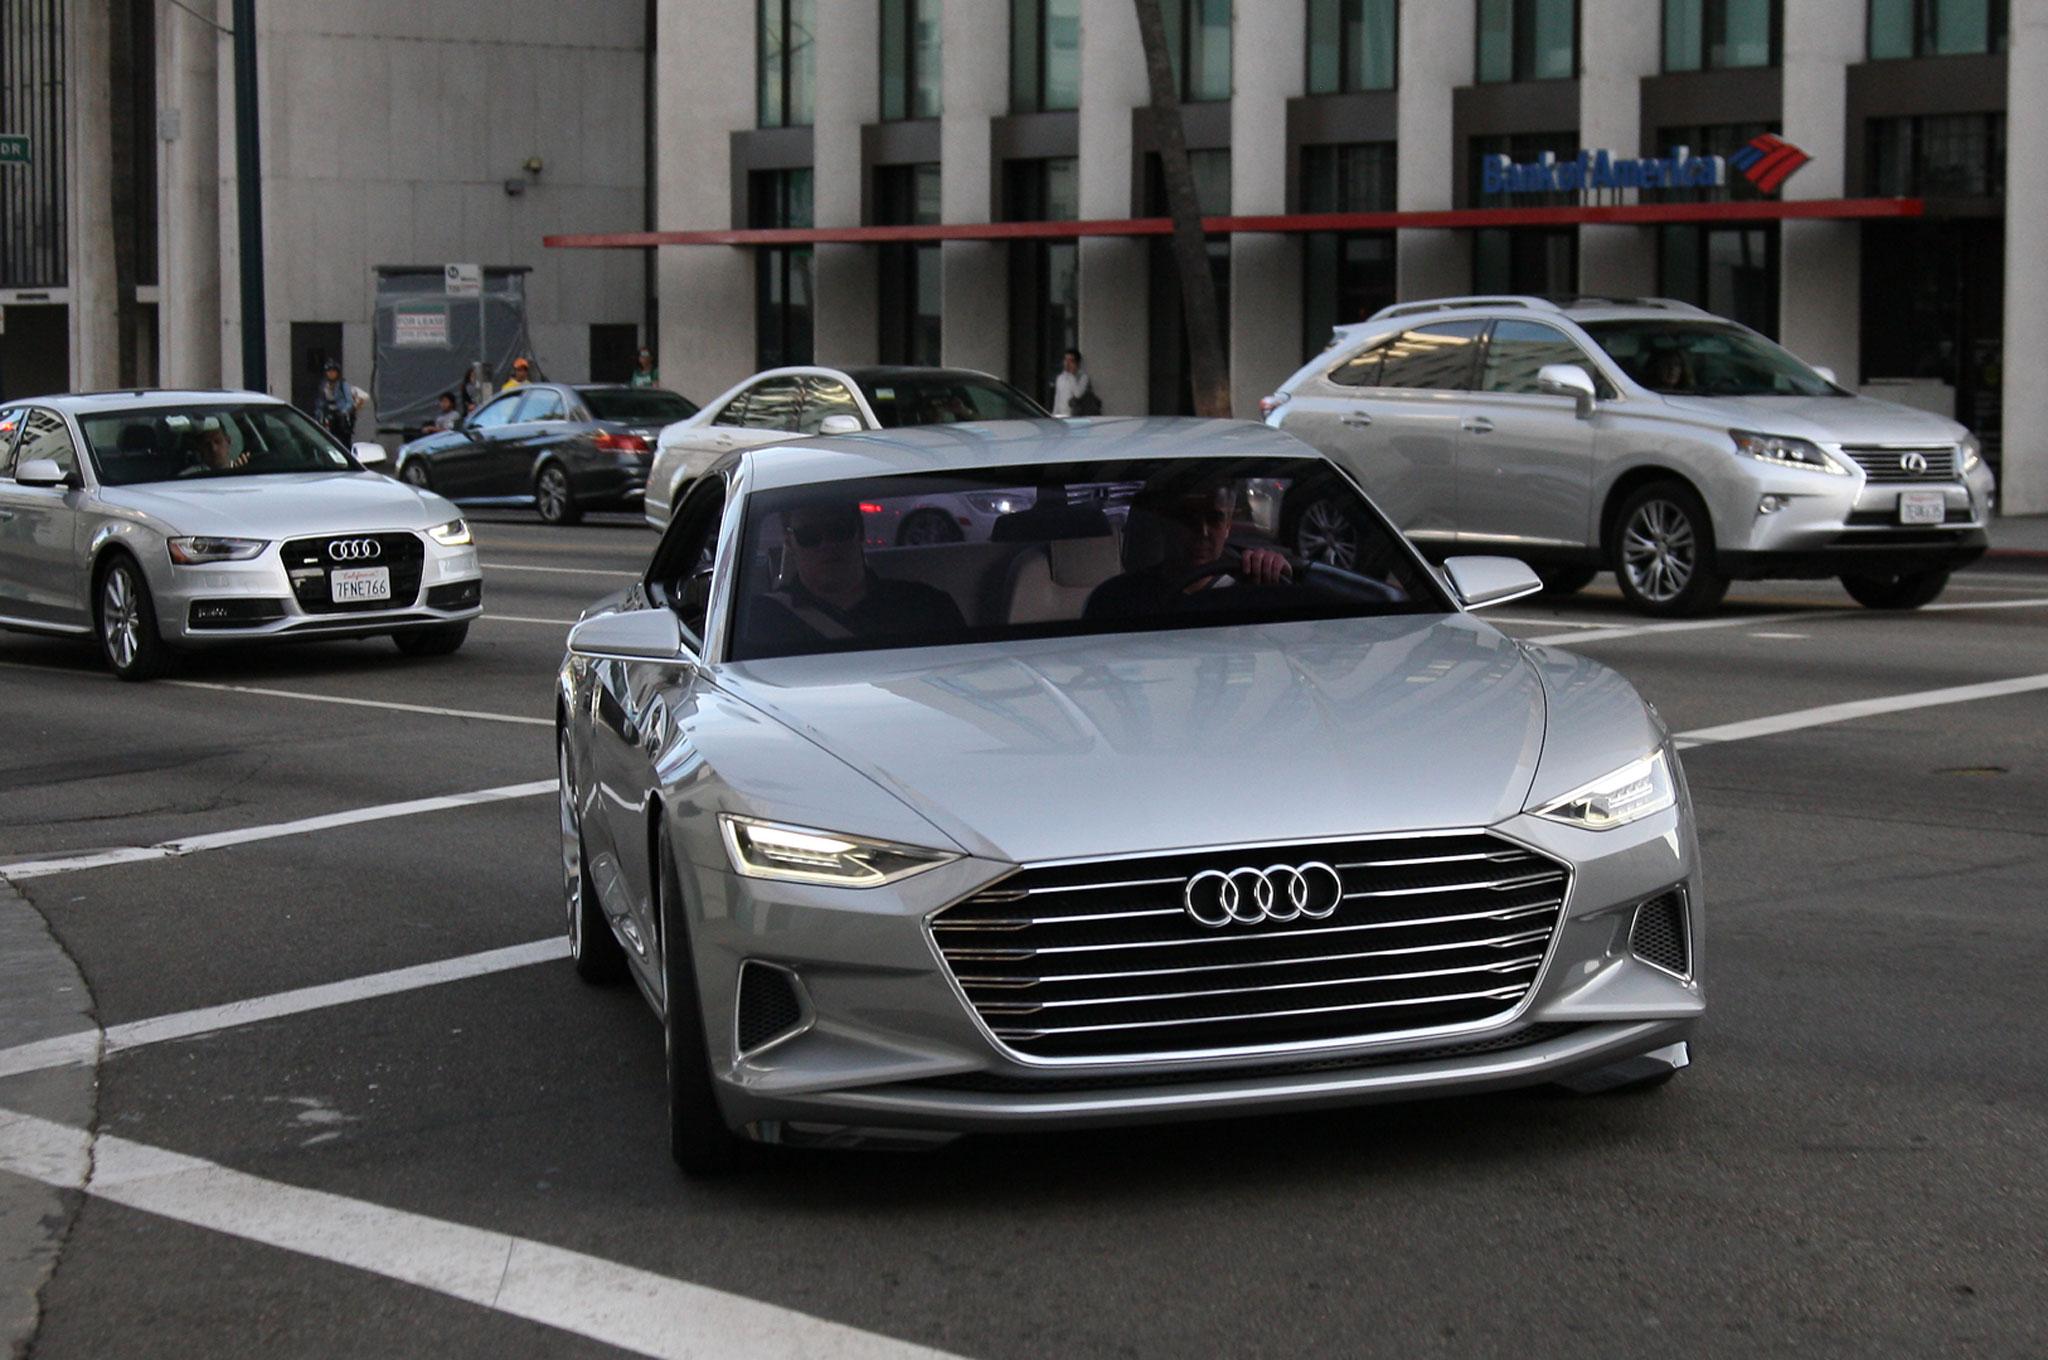 Audi Prologue Concept Front View 2